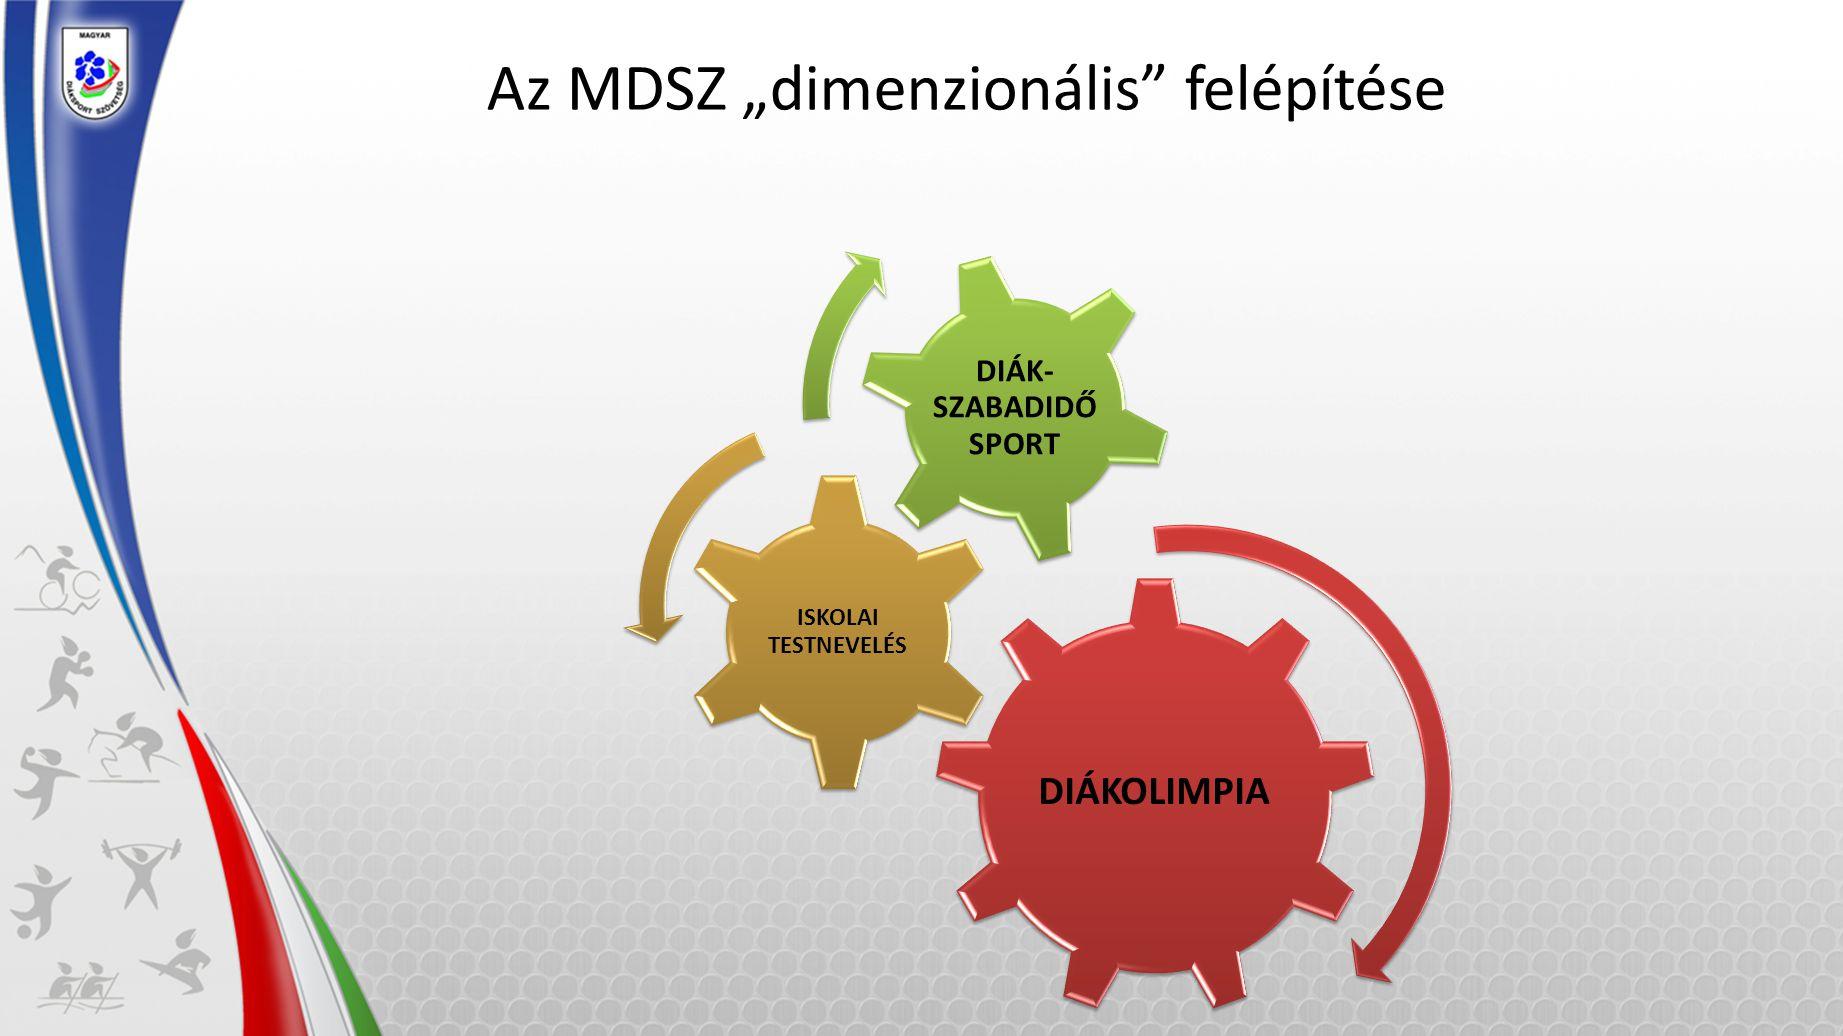 """Az MDSZ """"dimenzionális felépítése"""